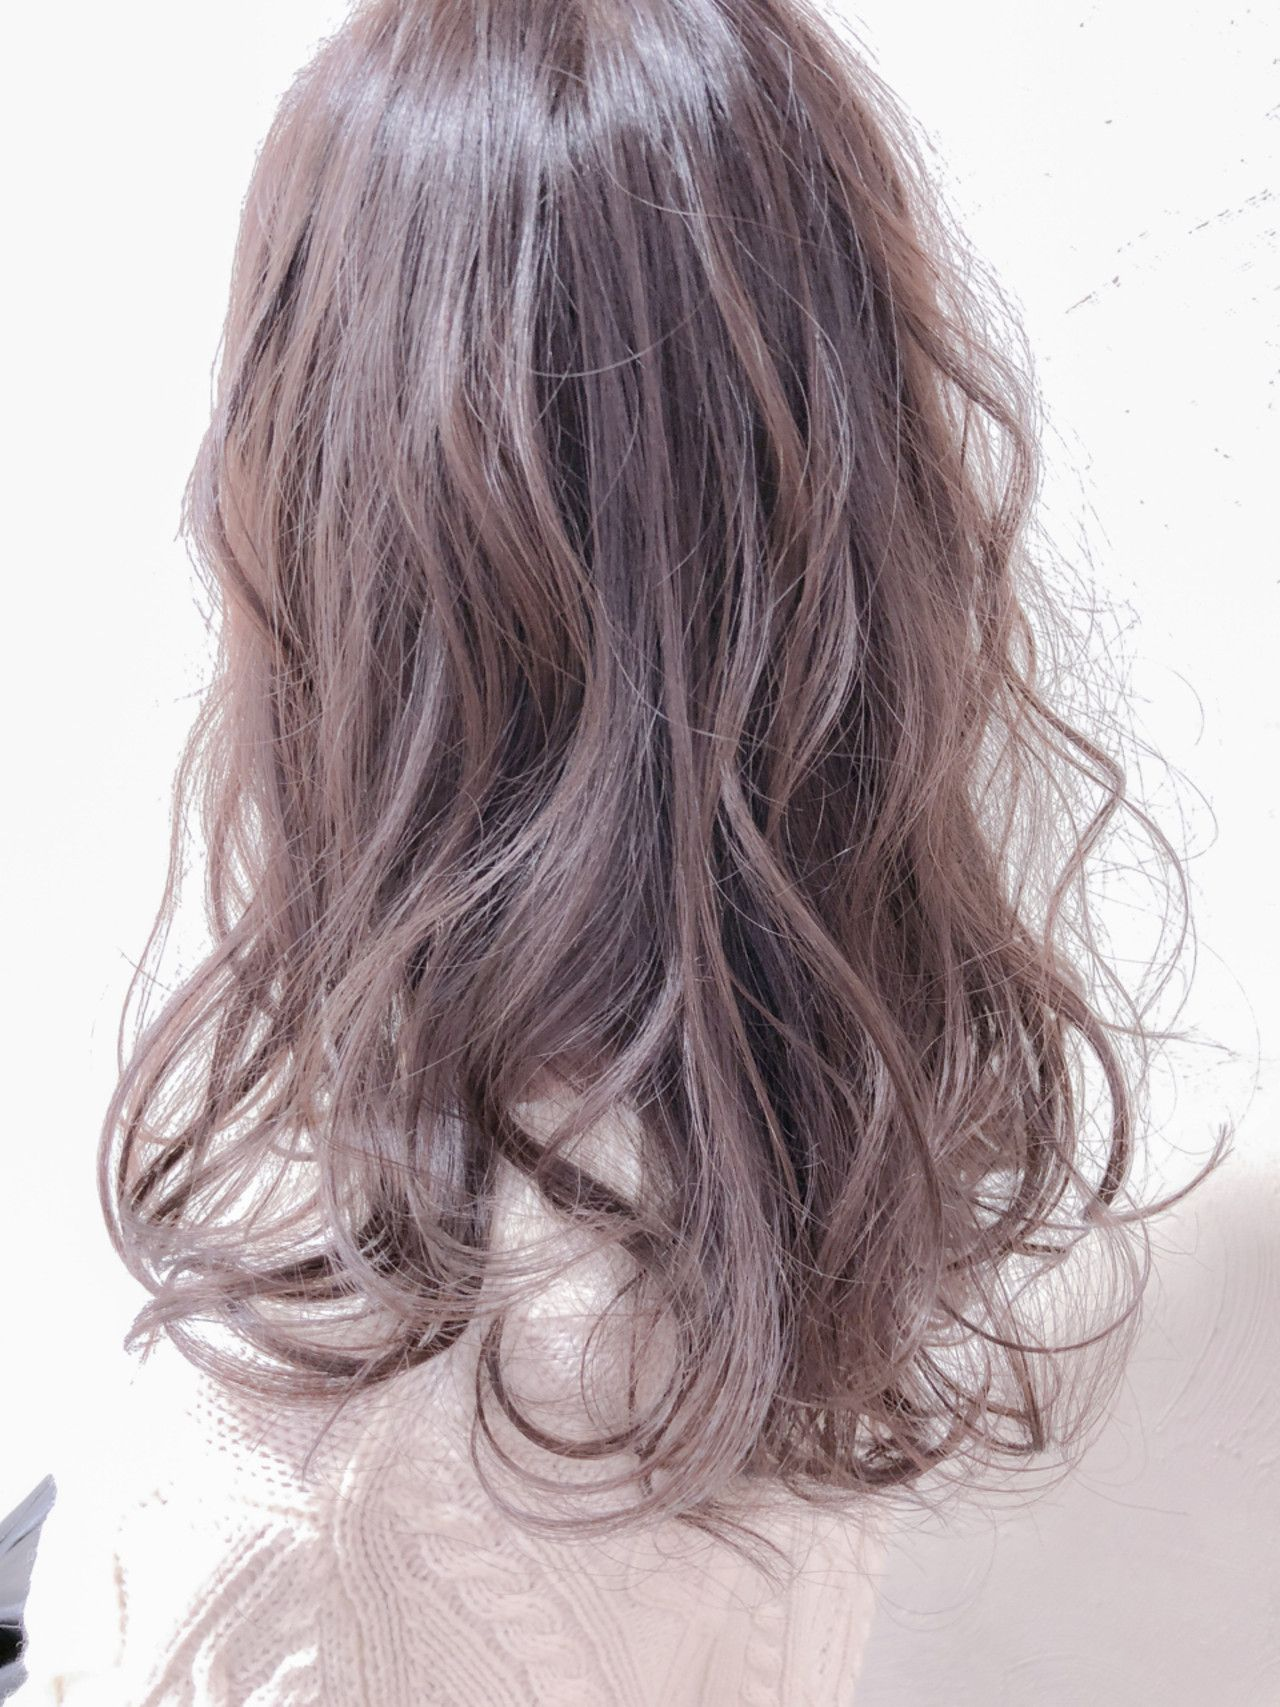 ブリーチなしのアディクシーカラー 髪色 ピンク 髪 色 明るめ ヘアカラー 春